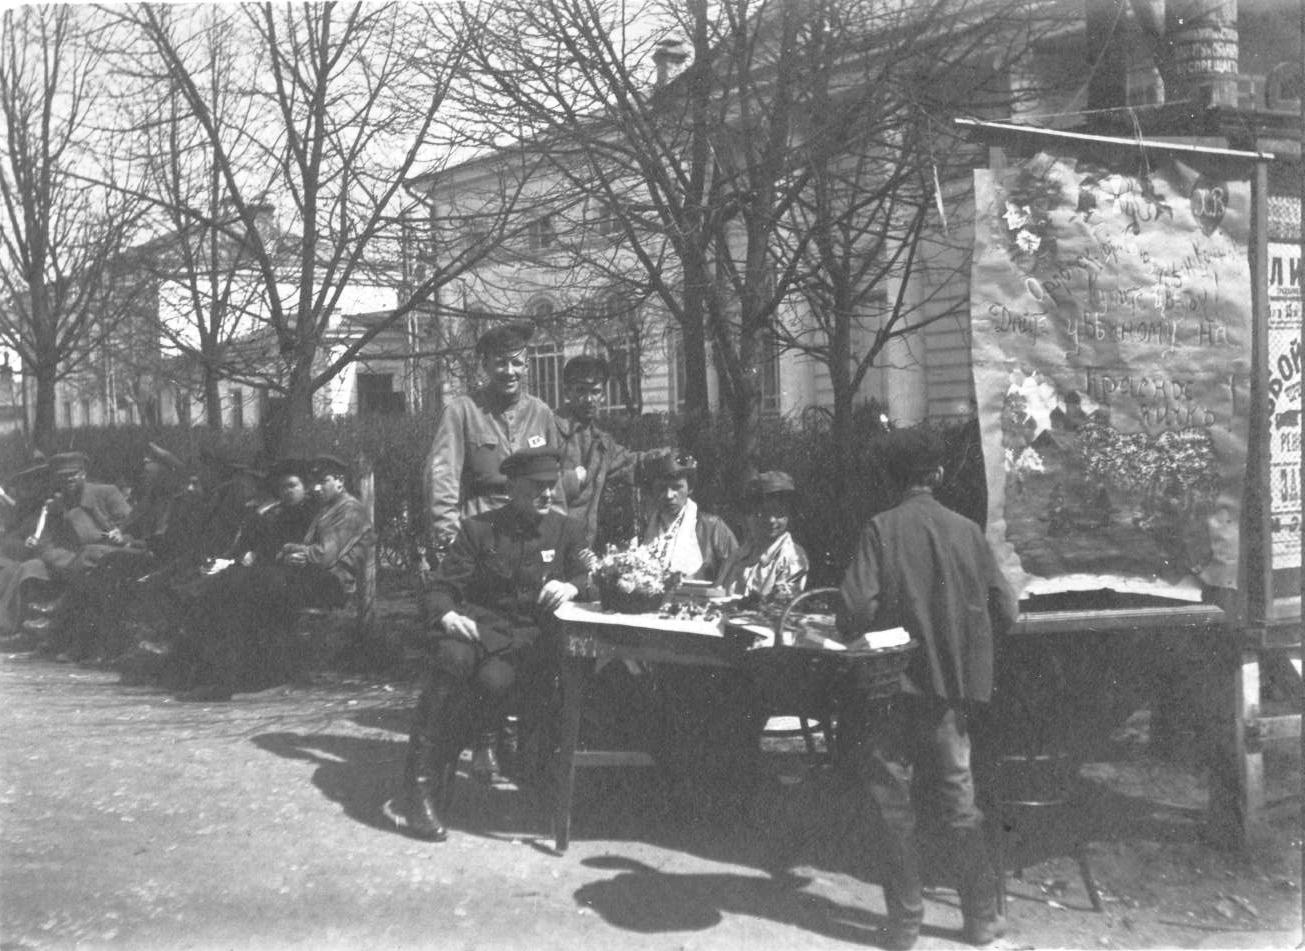 Сбор пожертвований в пасхальные дни. Бульвар у Дворянского собрания. 1916